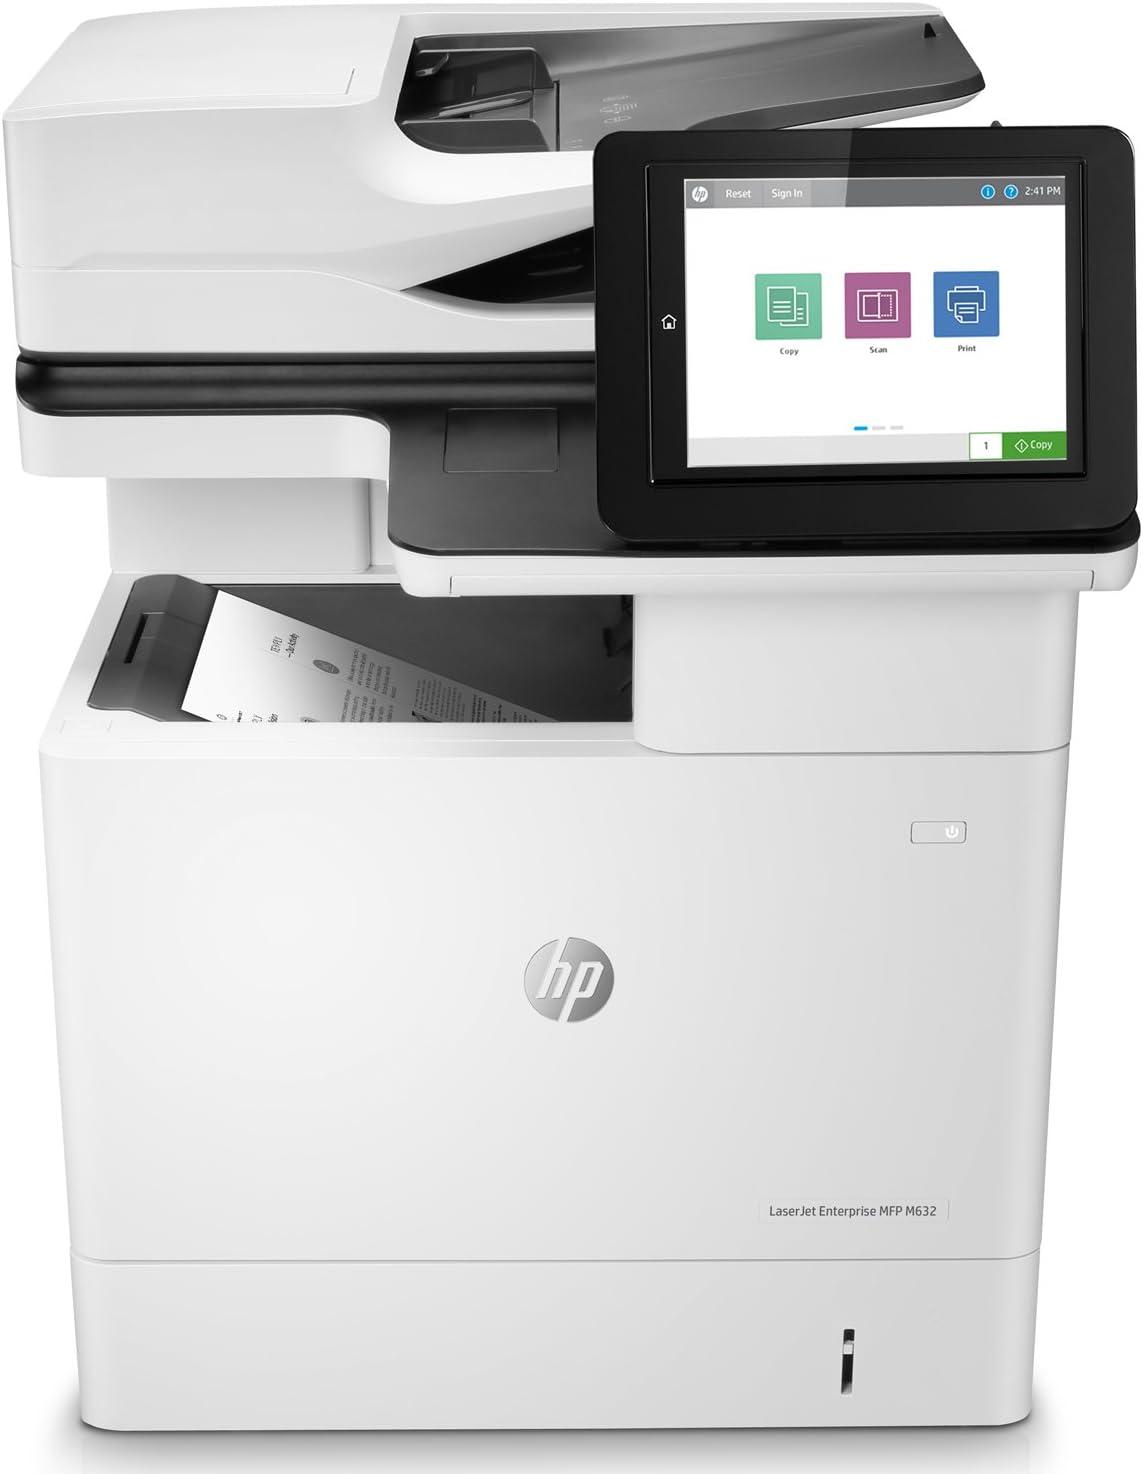 HP Laserjet Enterprise MFP M632h (J8J70A)